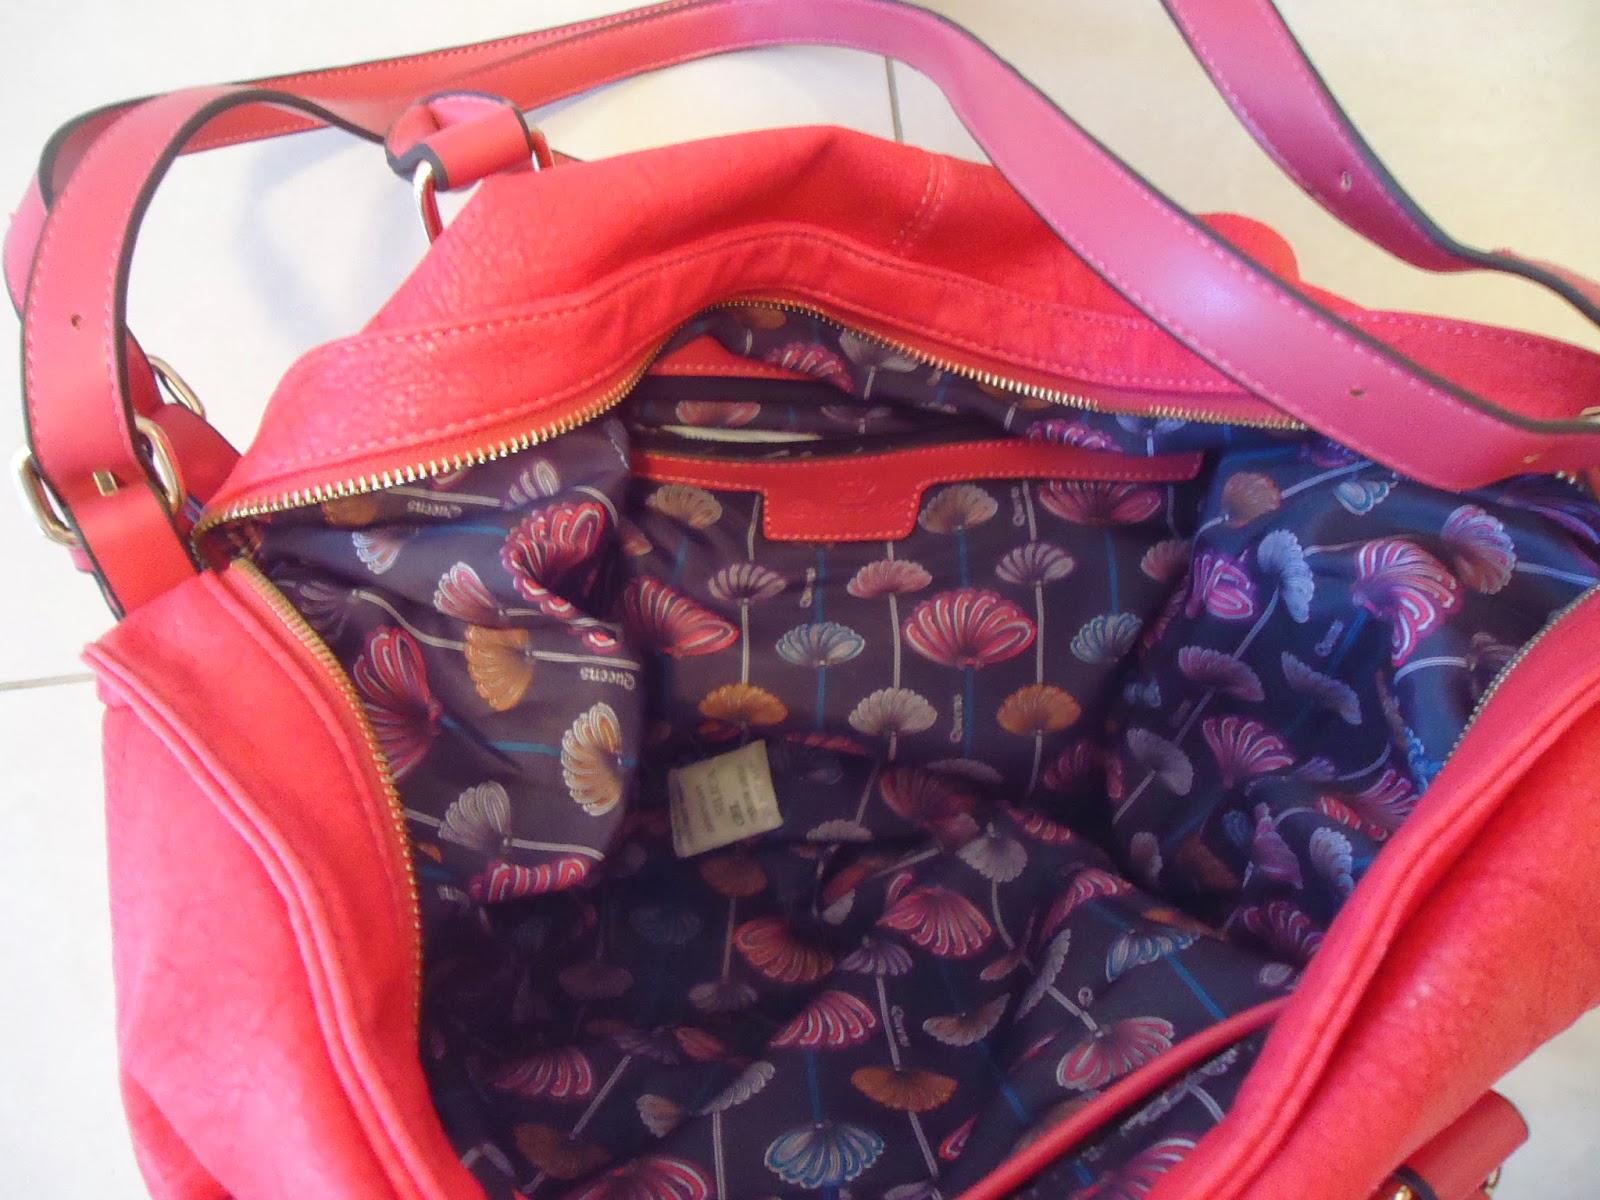 6f57bfdf0 Bolsa Queens Giorgia rosa, confeccionada em material sintético, com detalhe  de bolso frontal com recorte envernizado, com fechamento por botão de  encaixe.